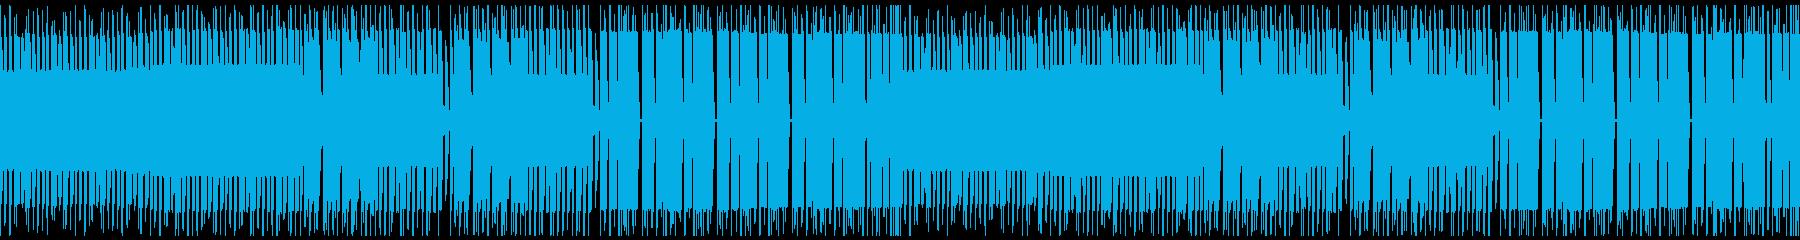 FC風ループ 赤い意思の再生済みの波形